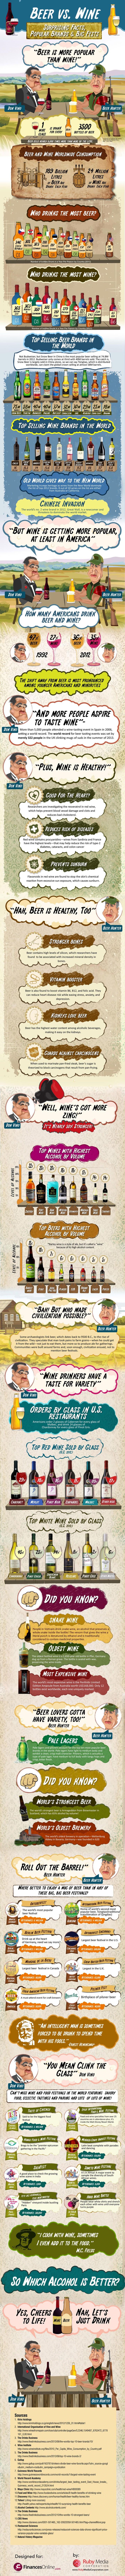 beer-vs-wine-infographic